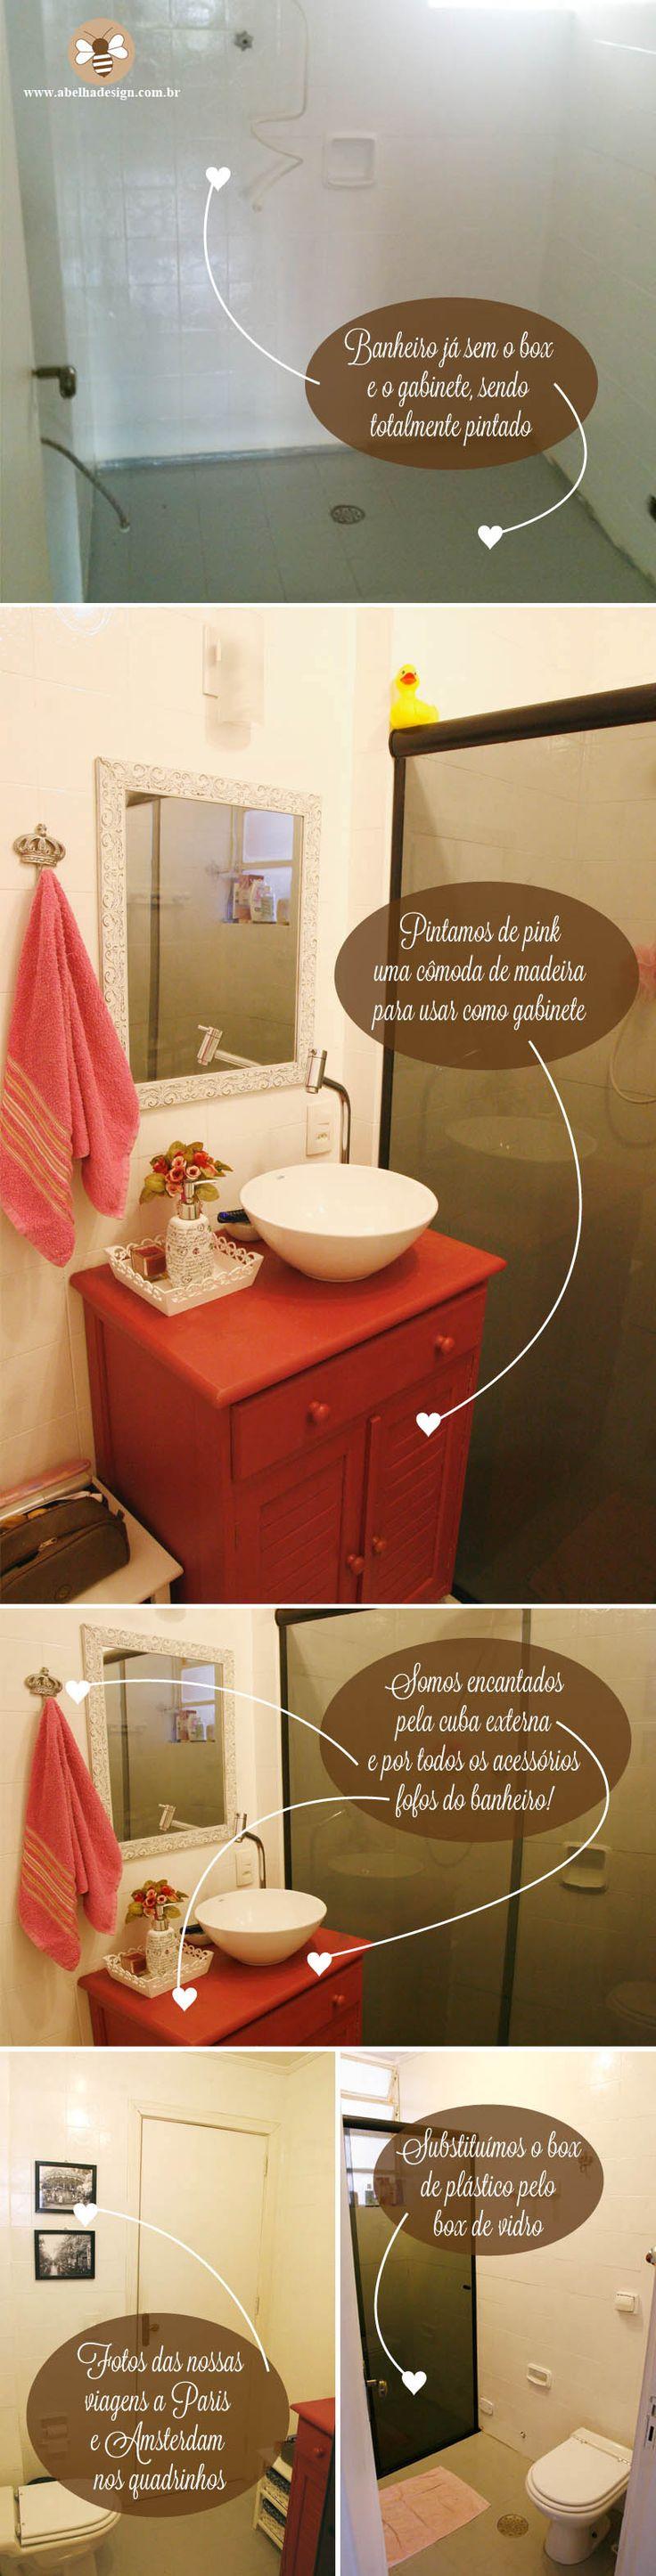 Como transformar um banheiro antigo sem reforma | Abelha Design - Convites de casamento